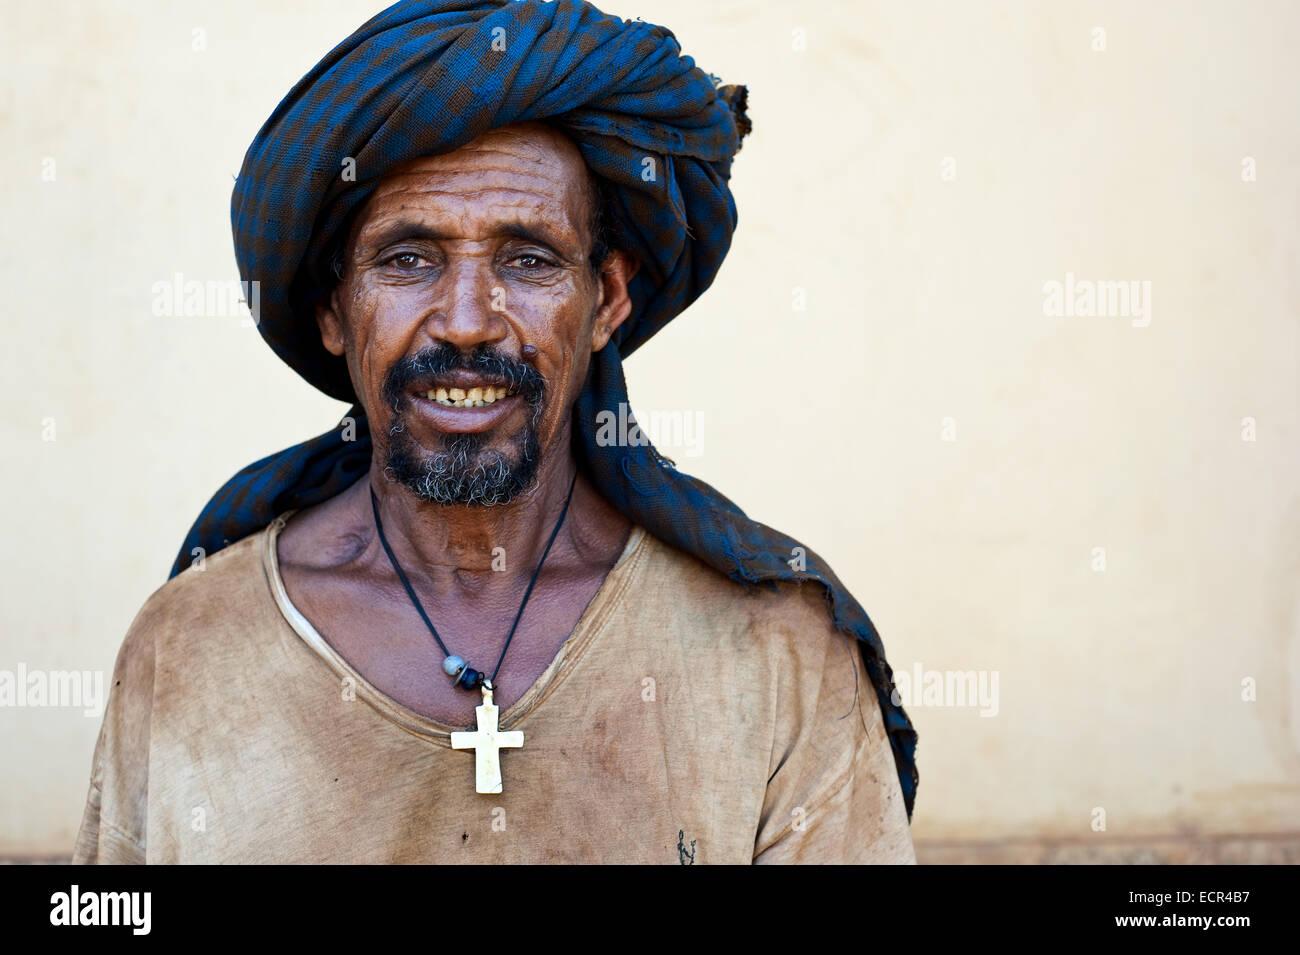 Christian man ( Ethiopia) - Stock Image